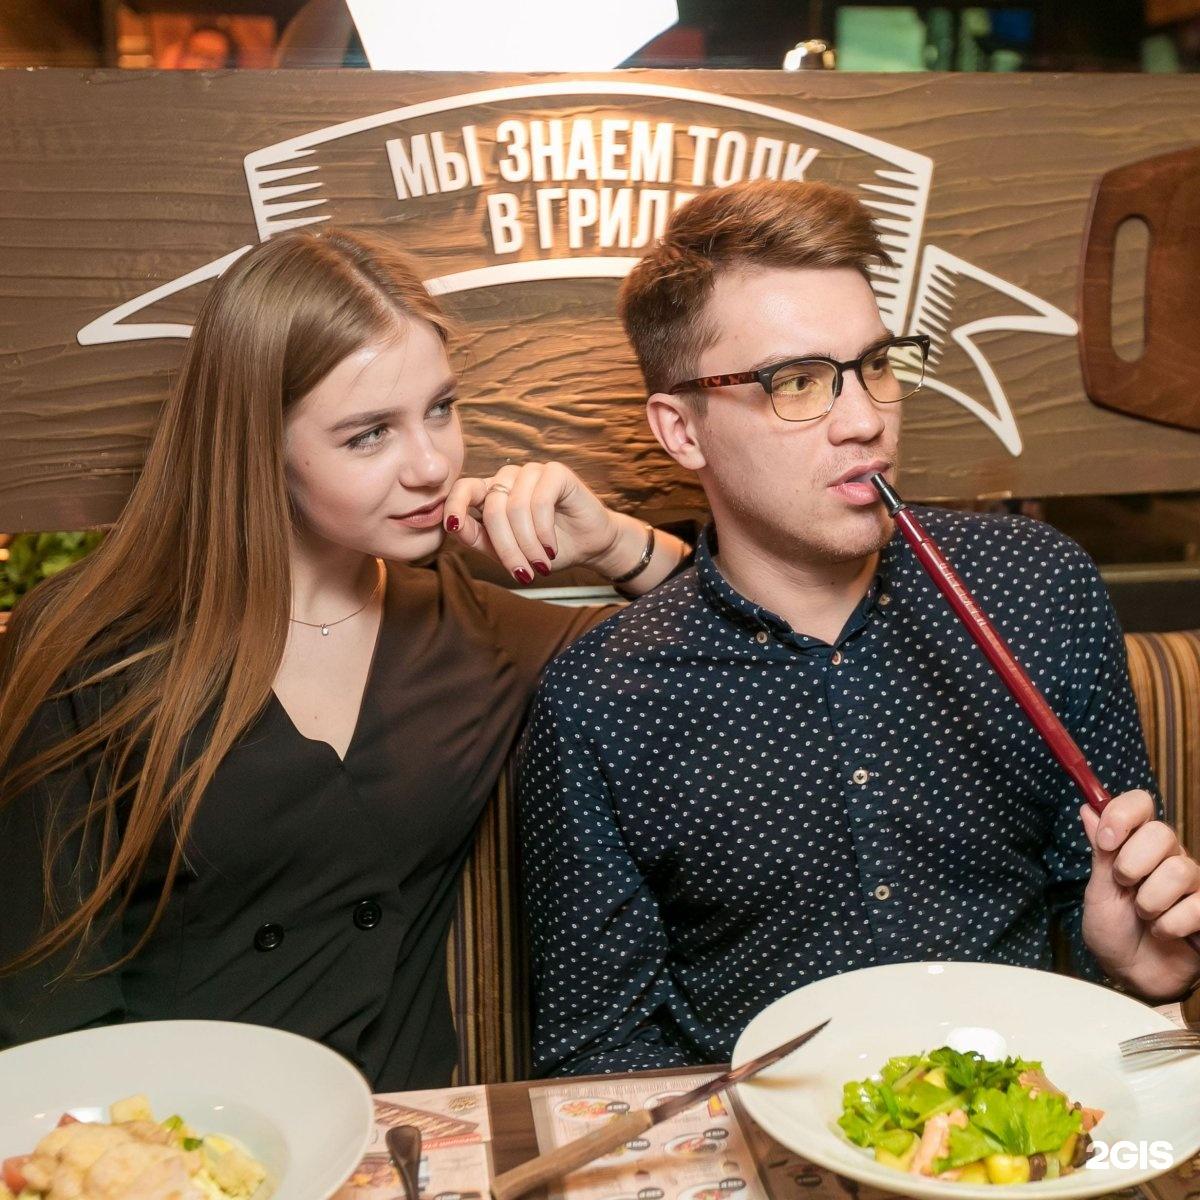 Шашлыкофф ресторан кемерово фото